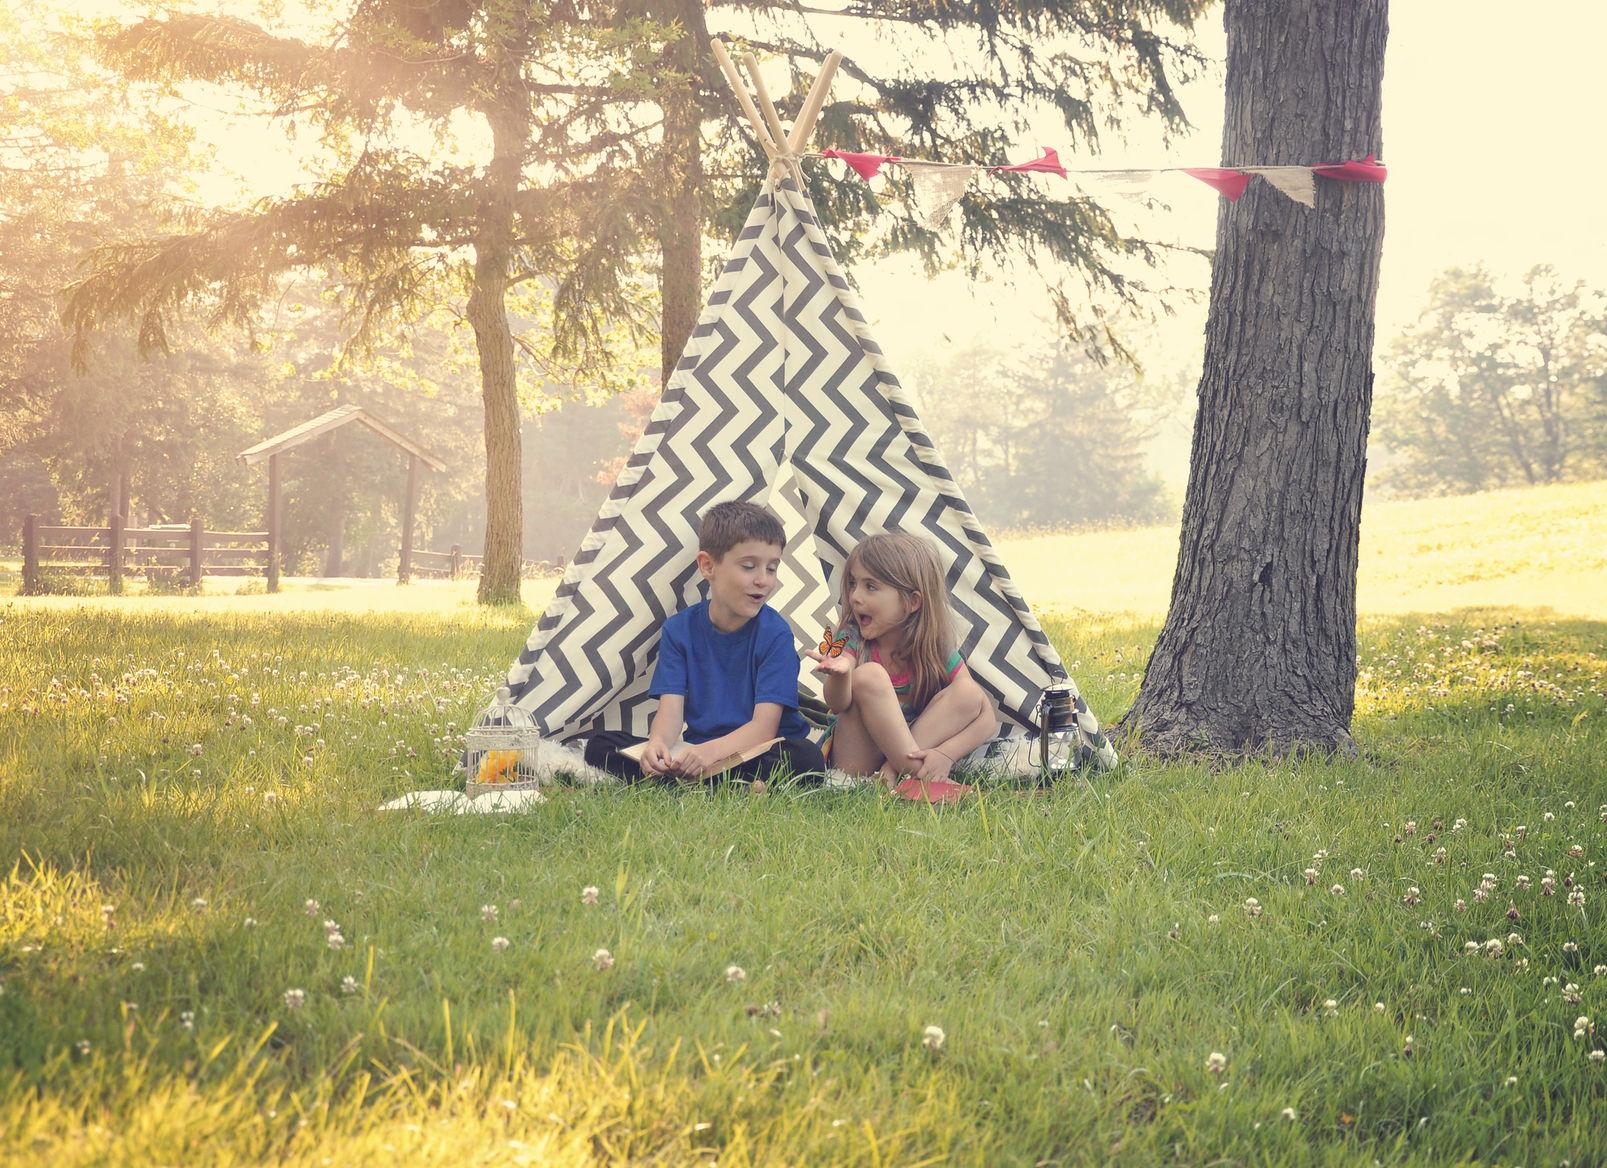 Zwei Kinder sitzen im Indianerzelt auf einer Wiese